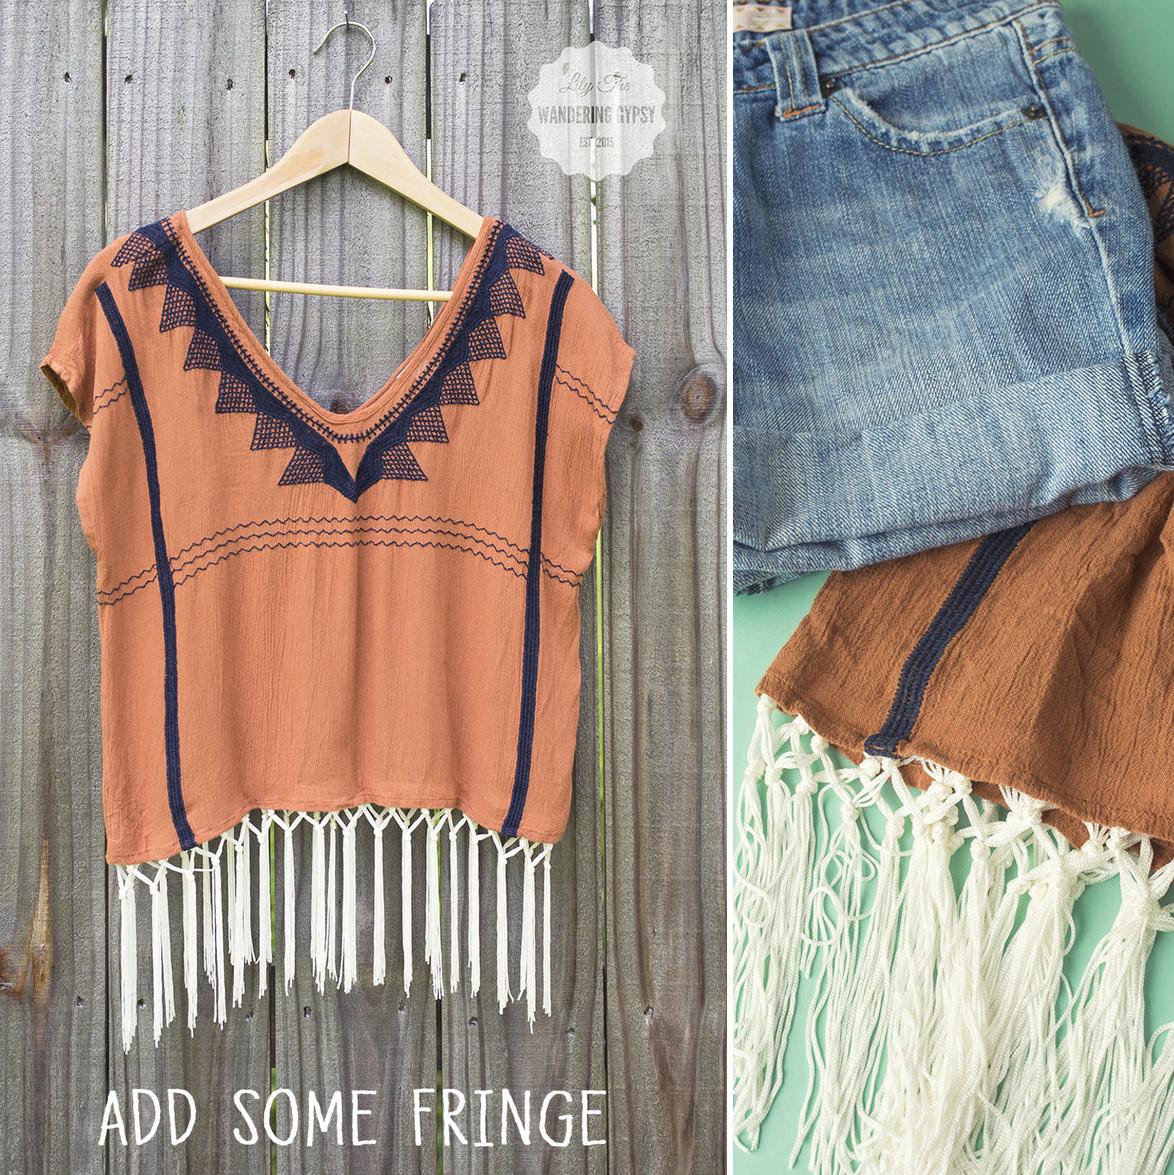 Add Fringe To Any Shirt